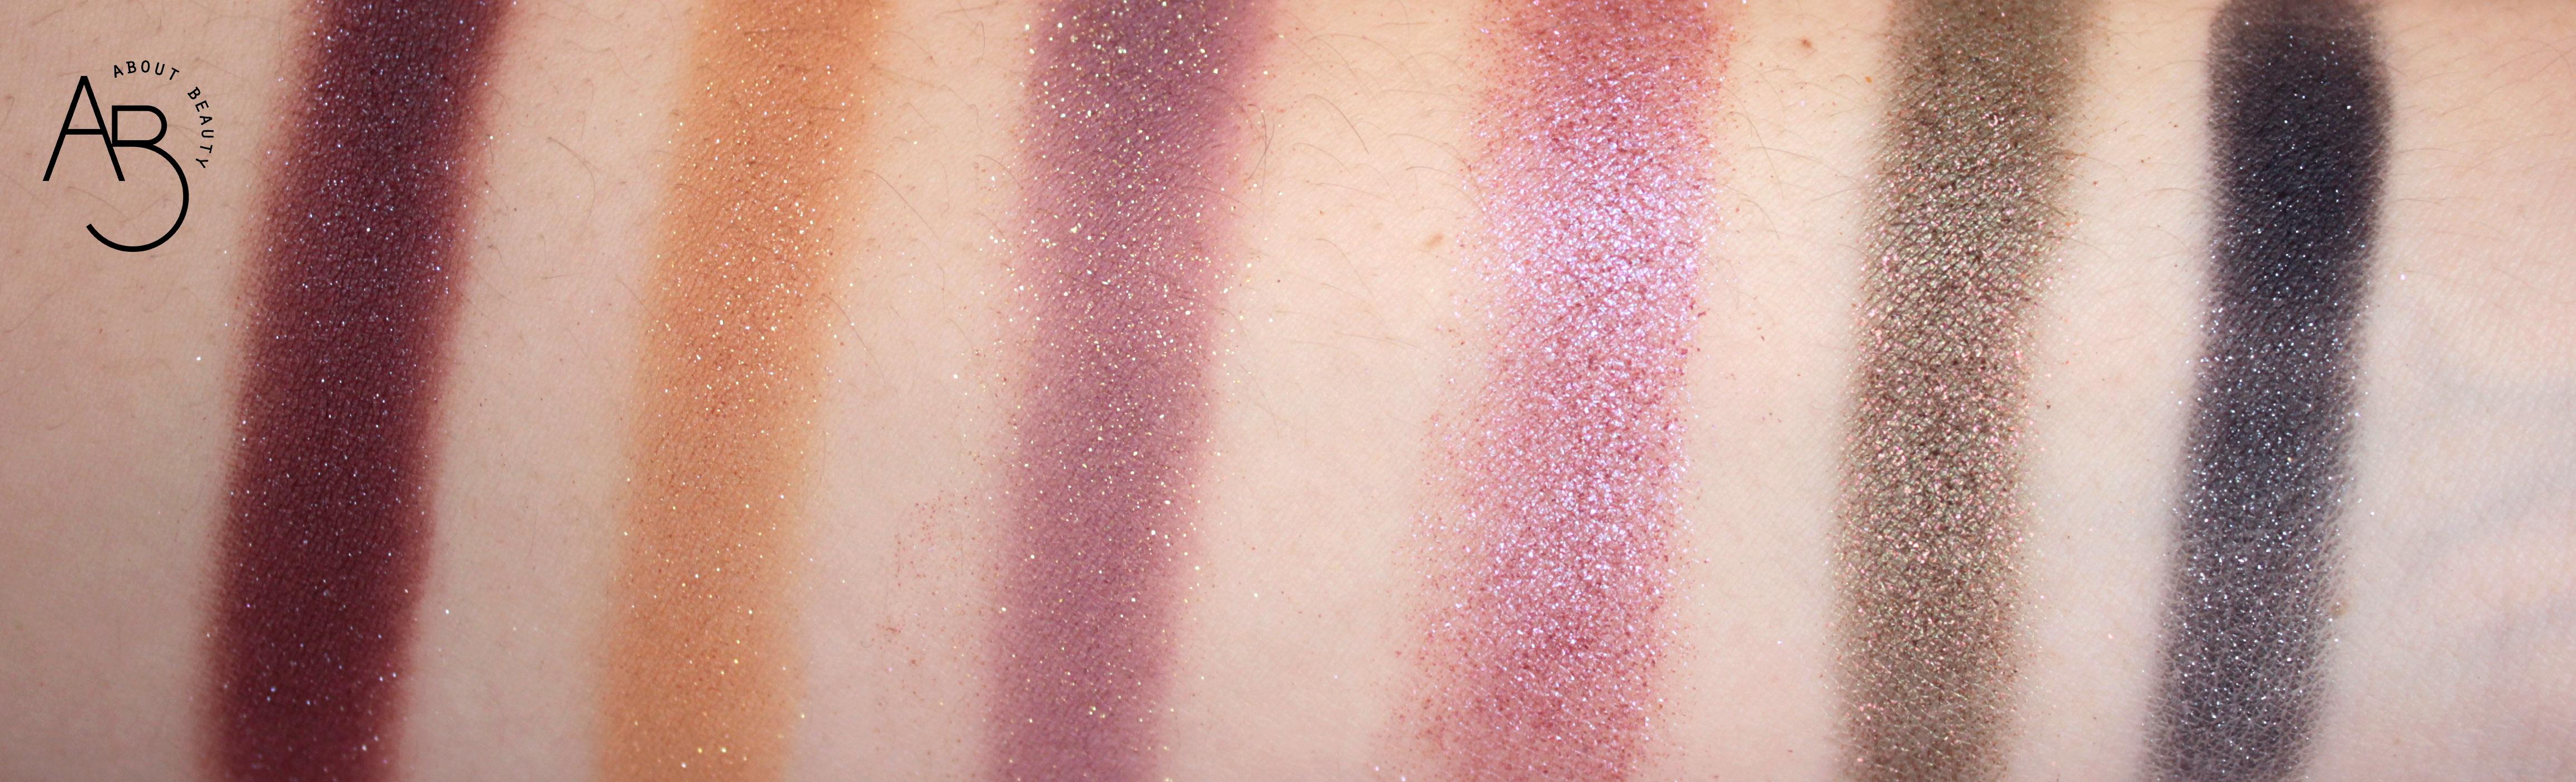 Neve Cosmetics Sparkling '67 - Info review recensione prezzo sconto swatch - Ombretti swatches